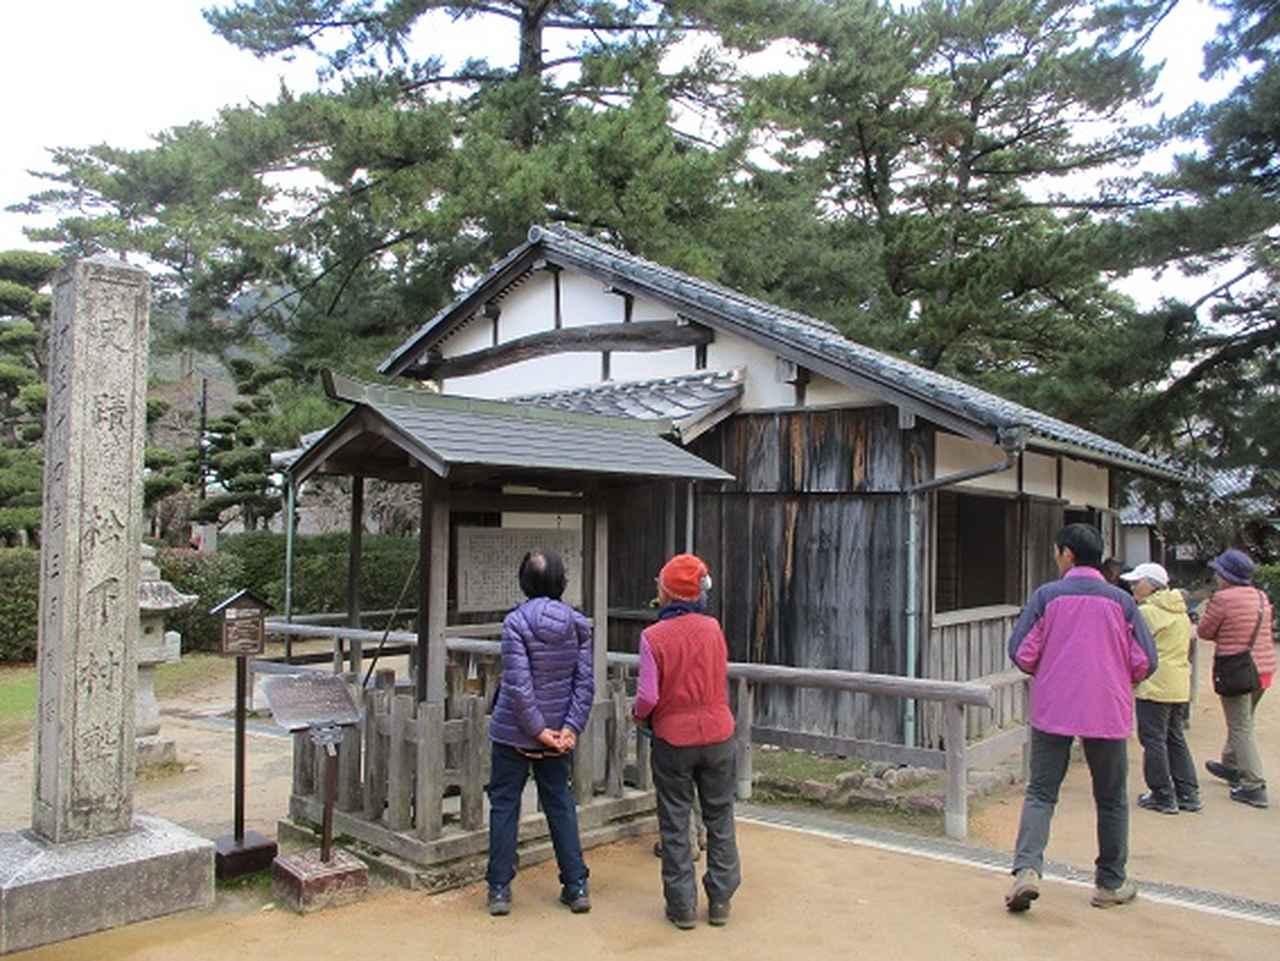 画像4: 【山旅会・登山ガイドこだわりツアー】添乗員からの便り・広島県と山口県のツアーにいってまいりました!(その4)